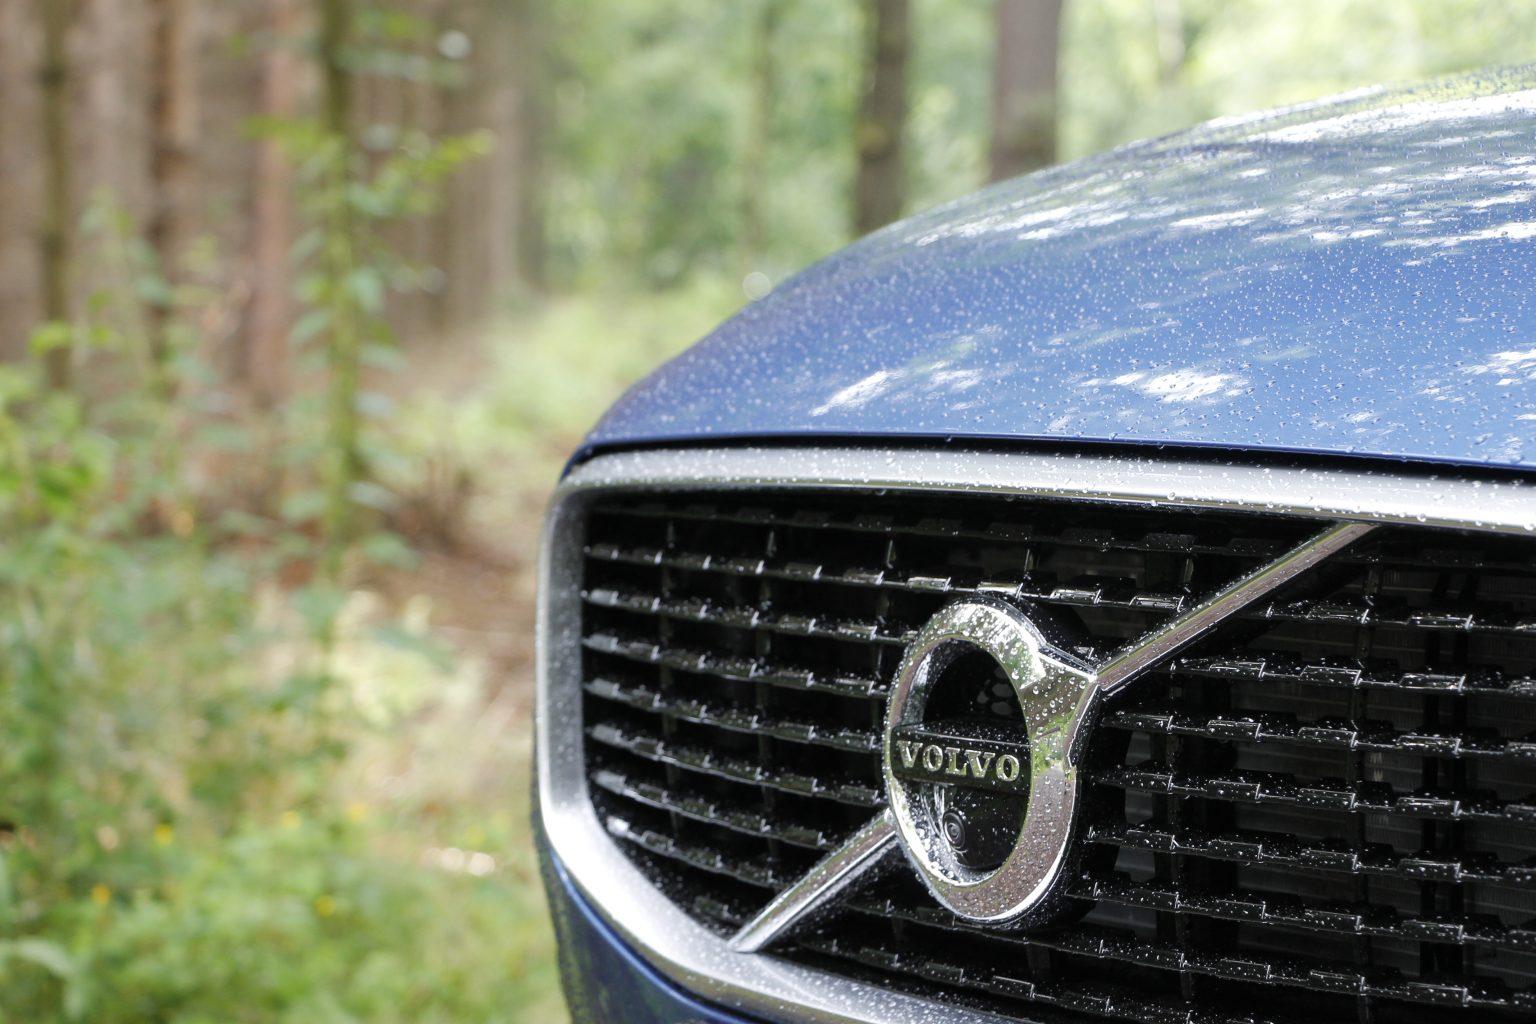 Volvo Sicherheitsexpertin Vortrag